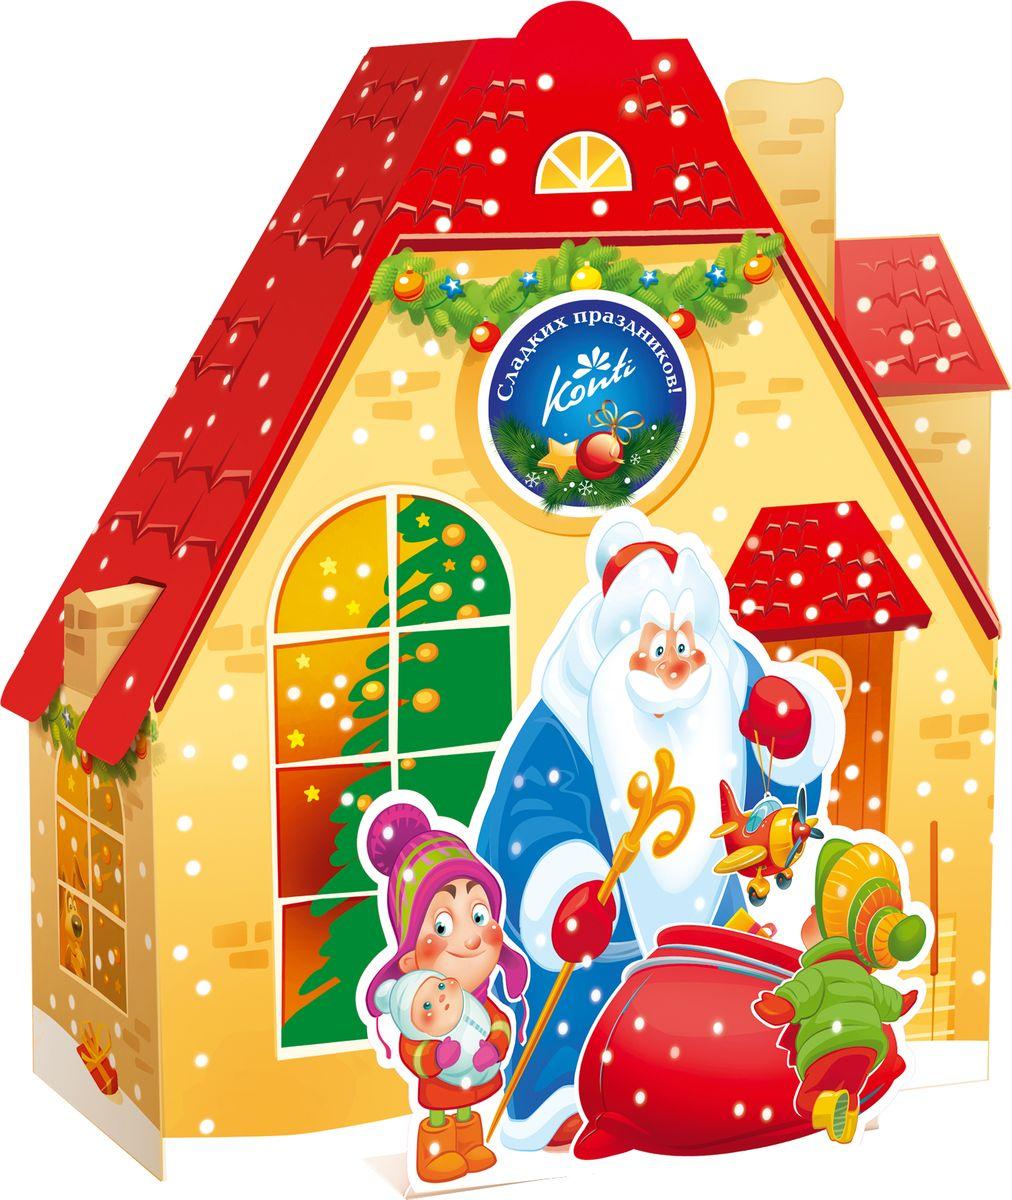 Конти рус Новогодний подарок 2016 Марьино, 700 г13949Вы когда-нибудь задумывались, как выглядит дом Деда Мороза?Может быть, именно так: сказочно, загадочно и очень ярко.Подарите ребенку этот подарок, и его, кроме сладостей,будет ждать еще и приятный сюрприз внутри.